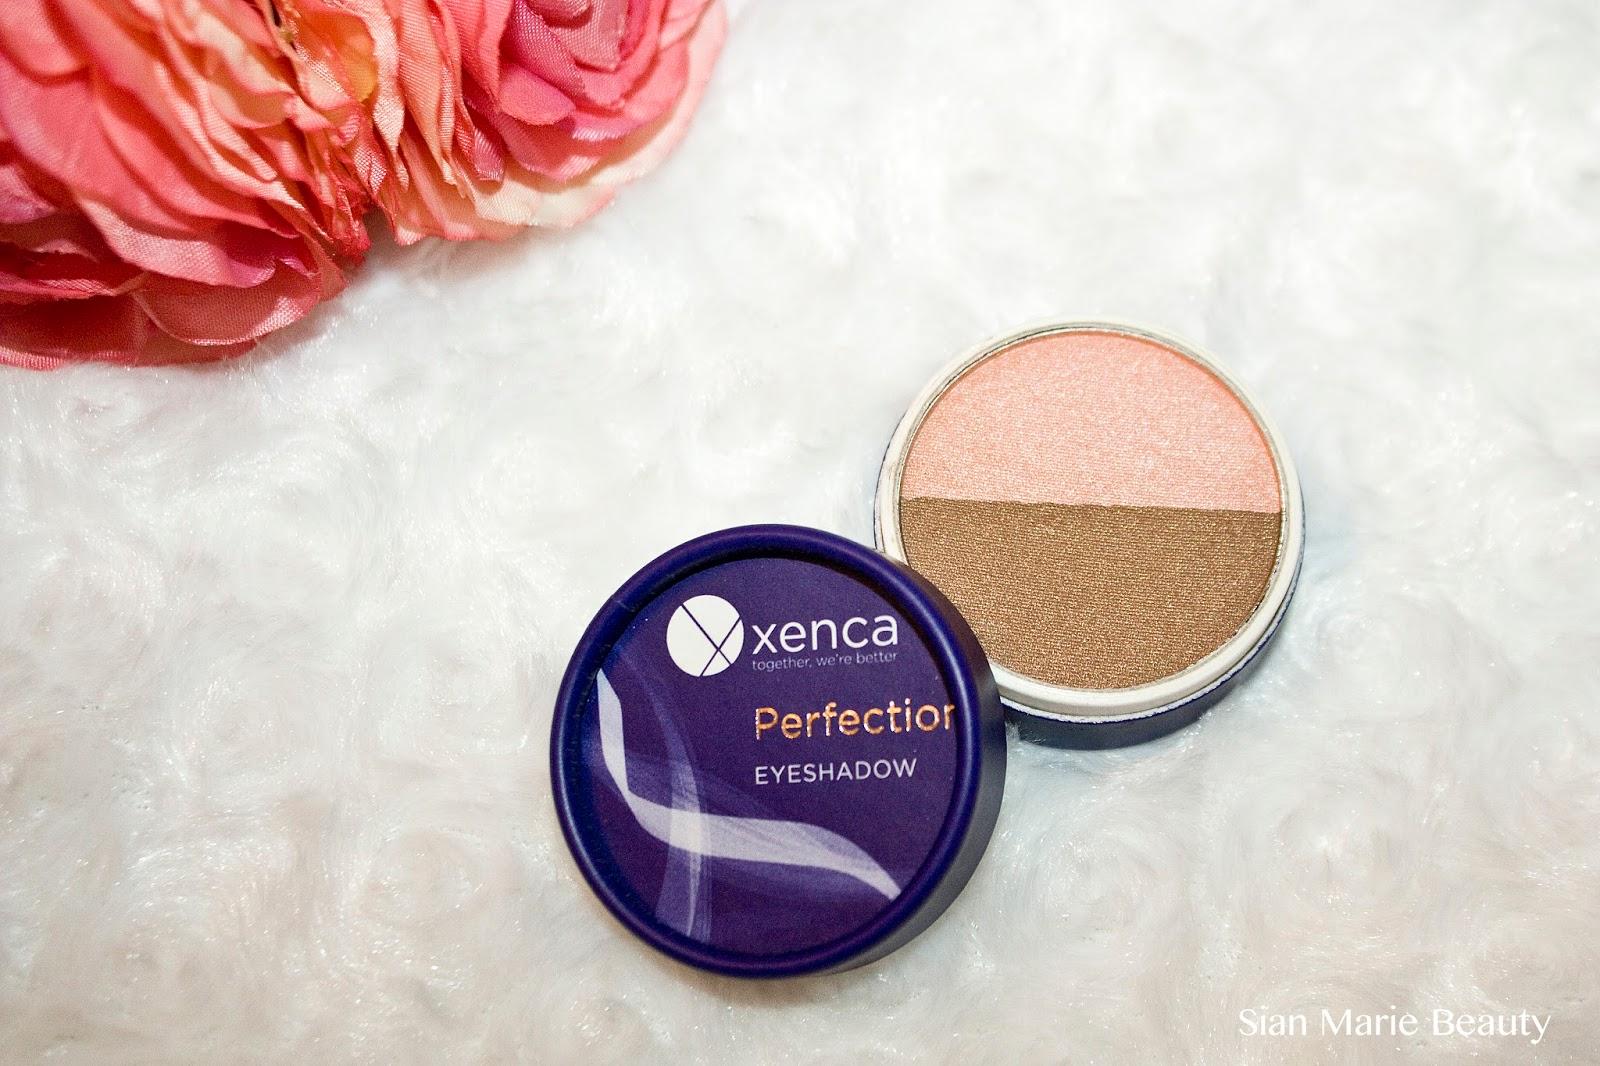 Xenca Perfection Eyeshadow Duo Cappuccino